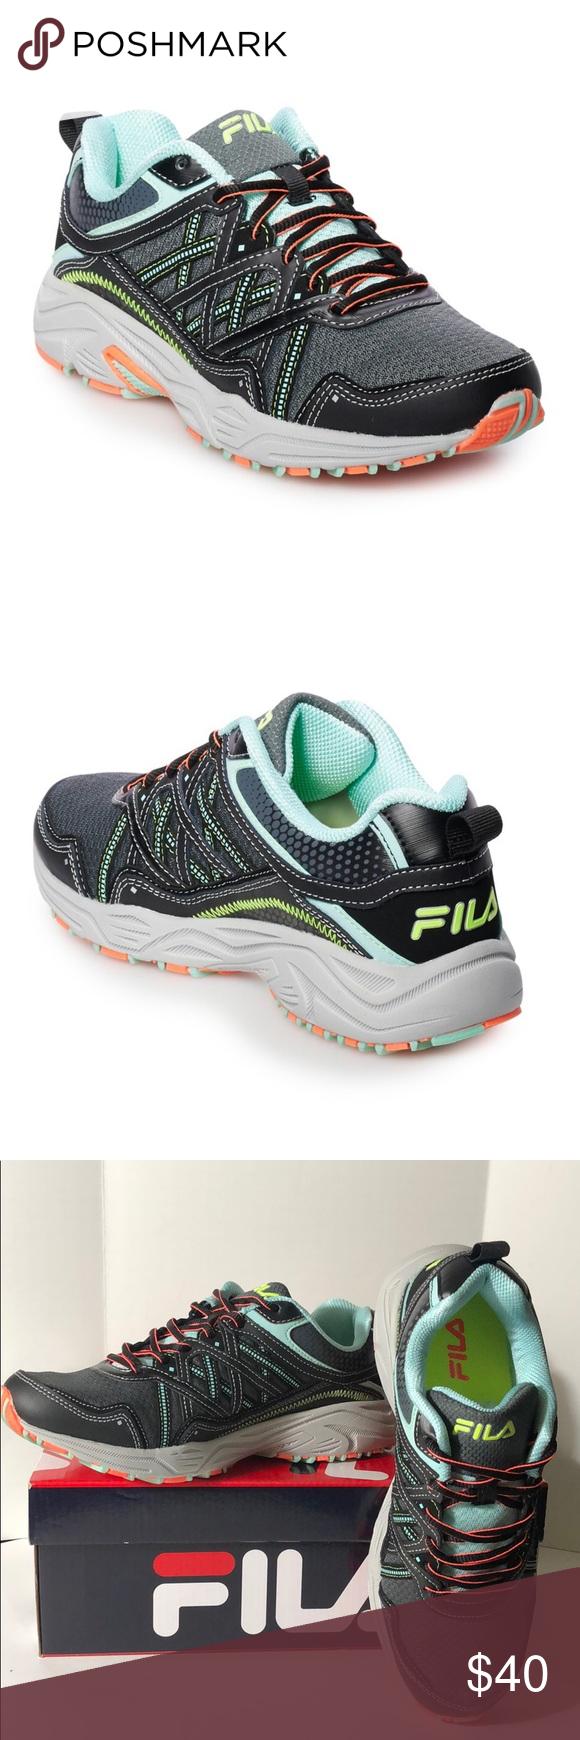 FILA Women's Trail Shoes Headway 7